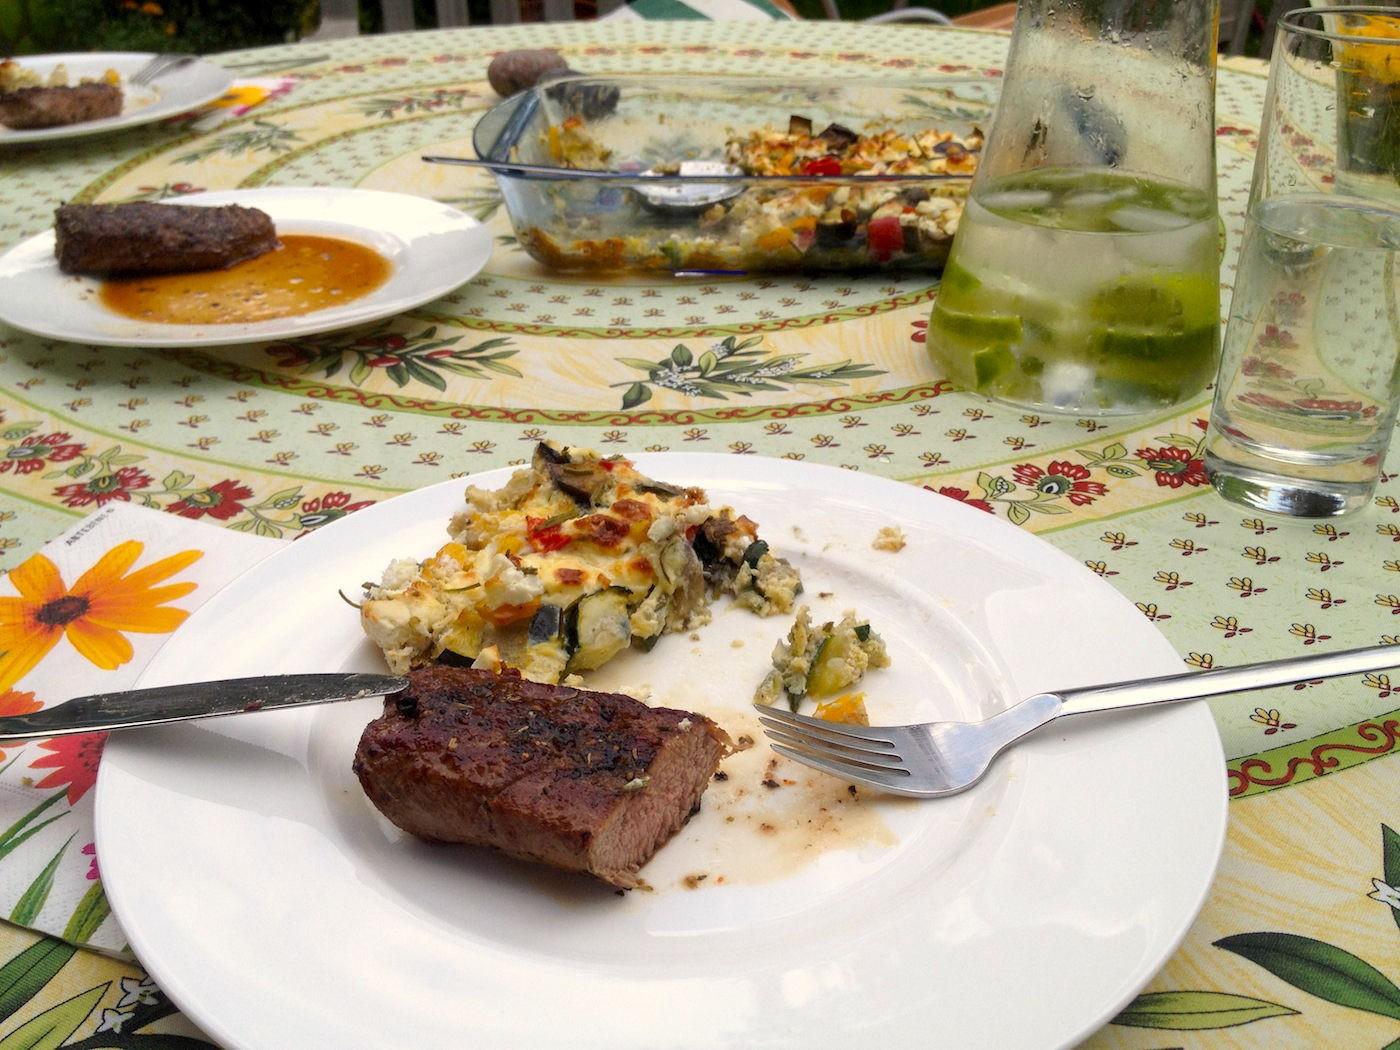 PSMF Steak